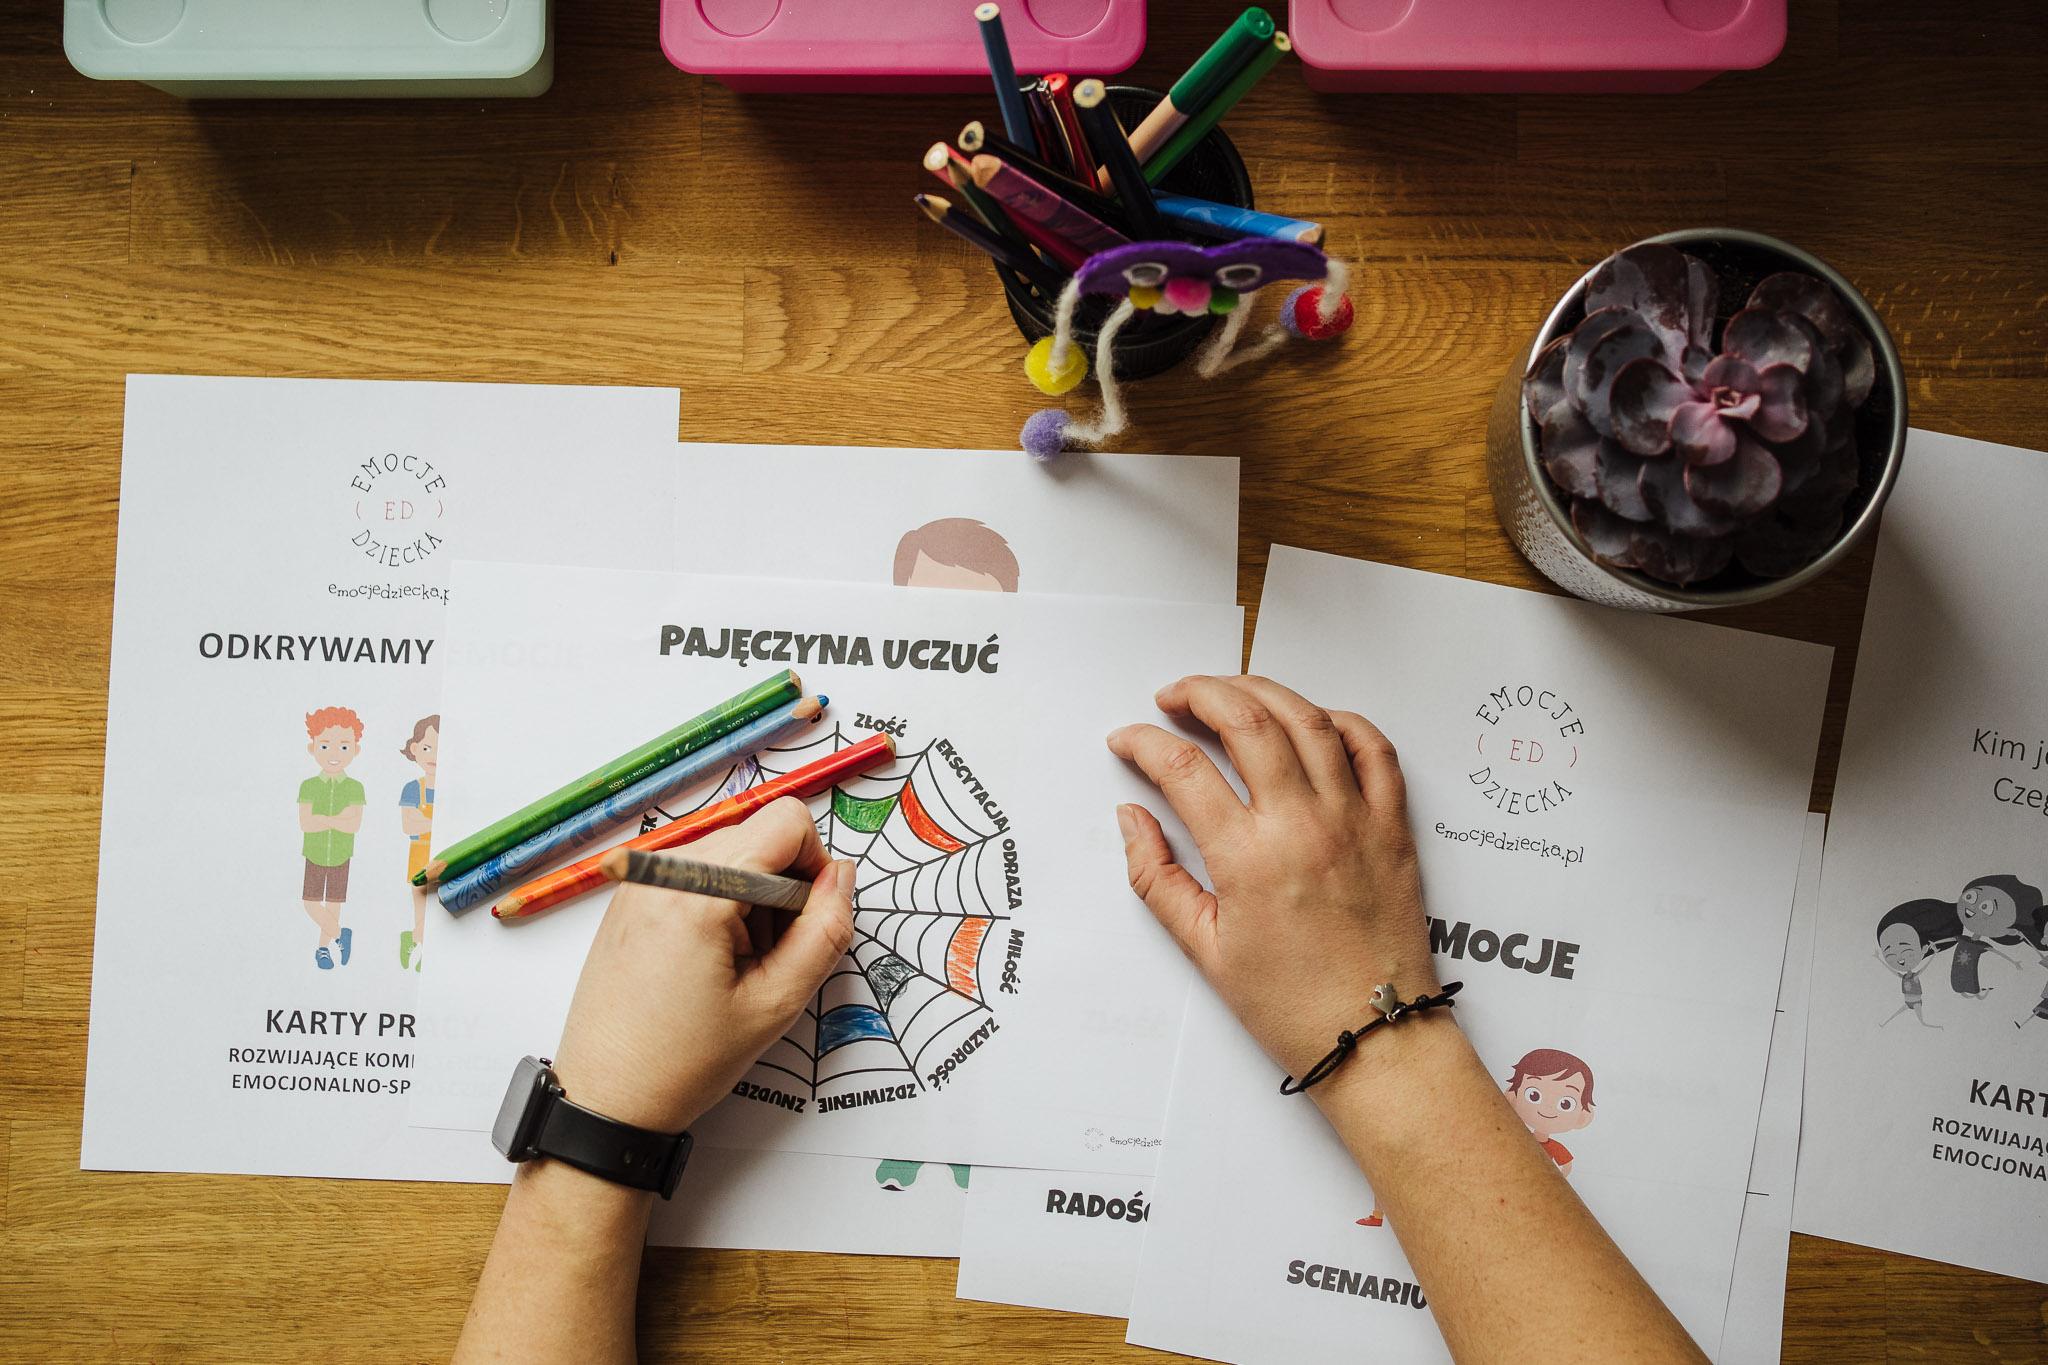 Emocje dziecka – warto o nich rozmawiać za pomocą kart pracy